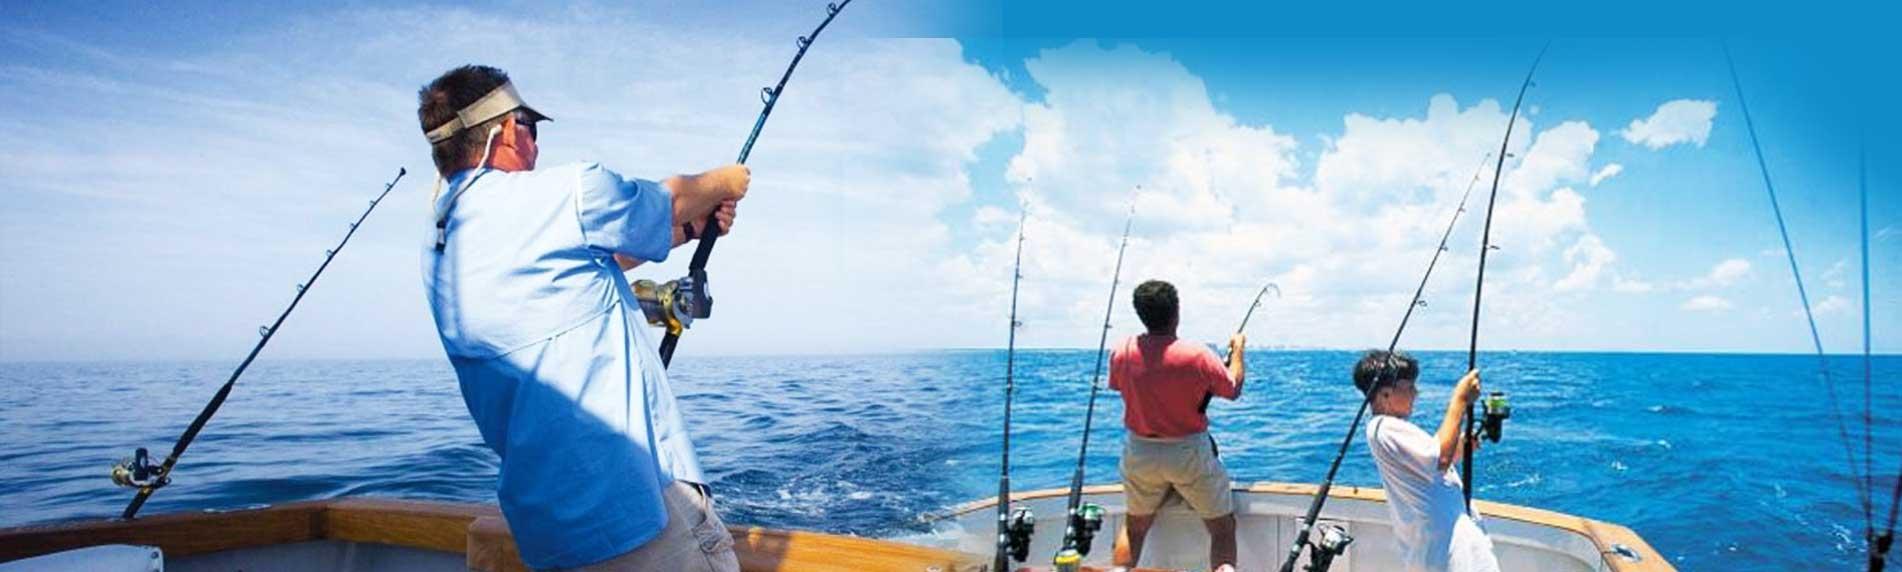 deep sea fishing fun